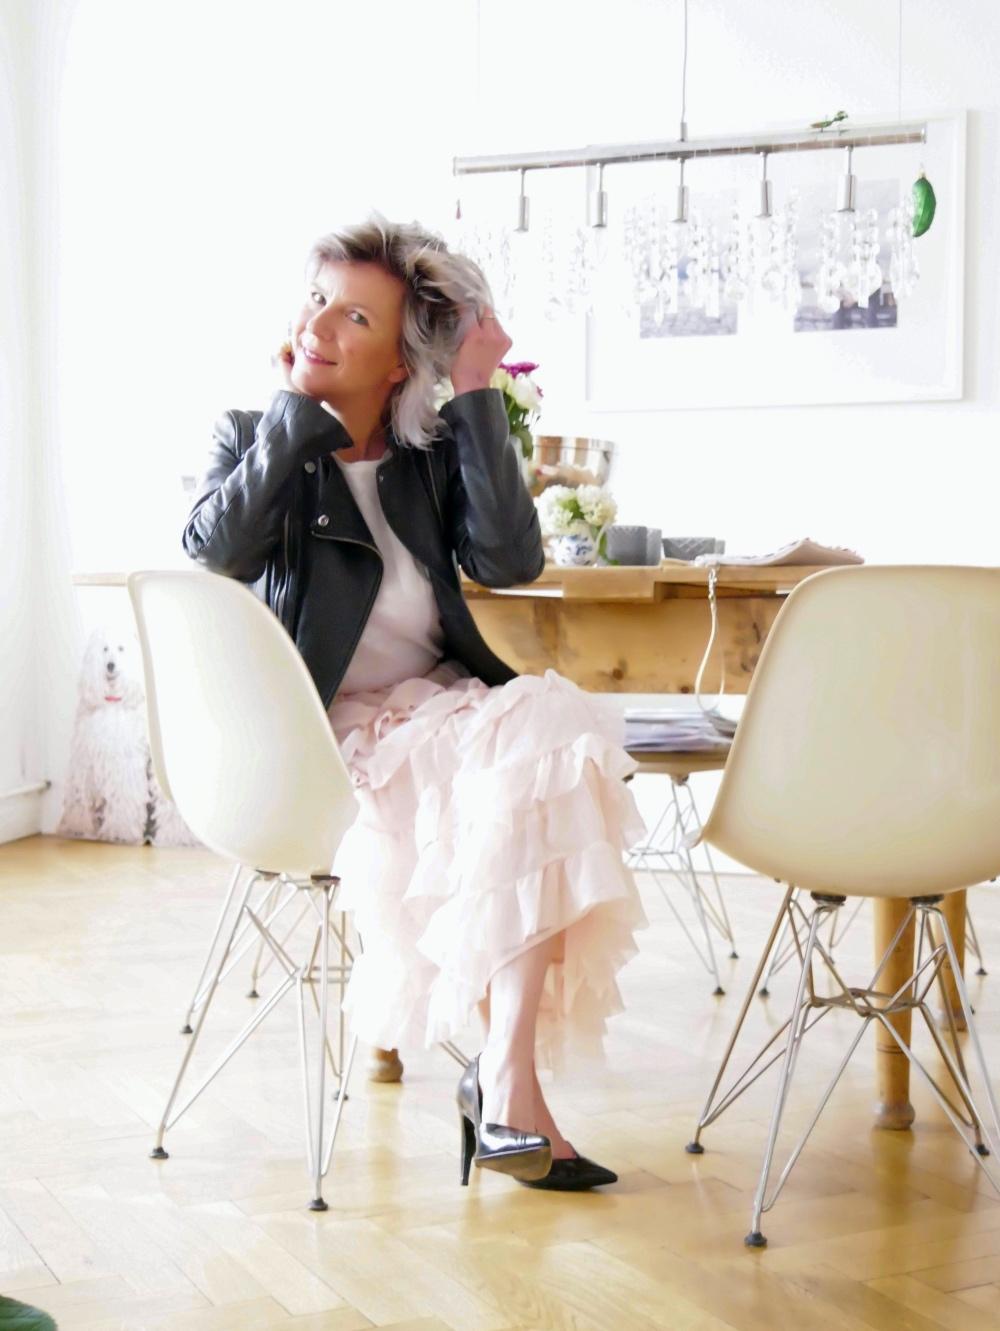 wei es t shirt eine liebeserkl rung teil 2 fourhang auf 4 augen sehen mehr. Black Bedroom Furniture Sets. Home Design Ideas